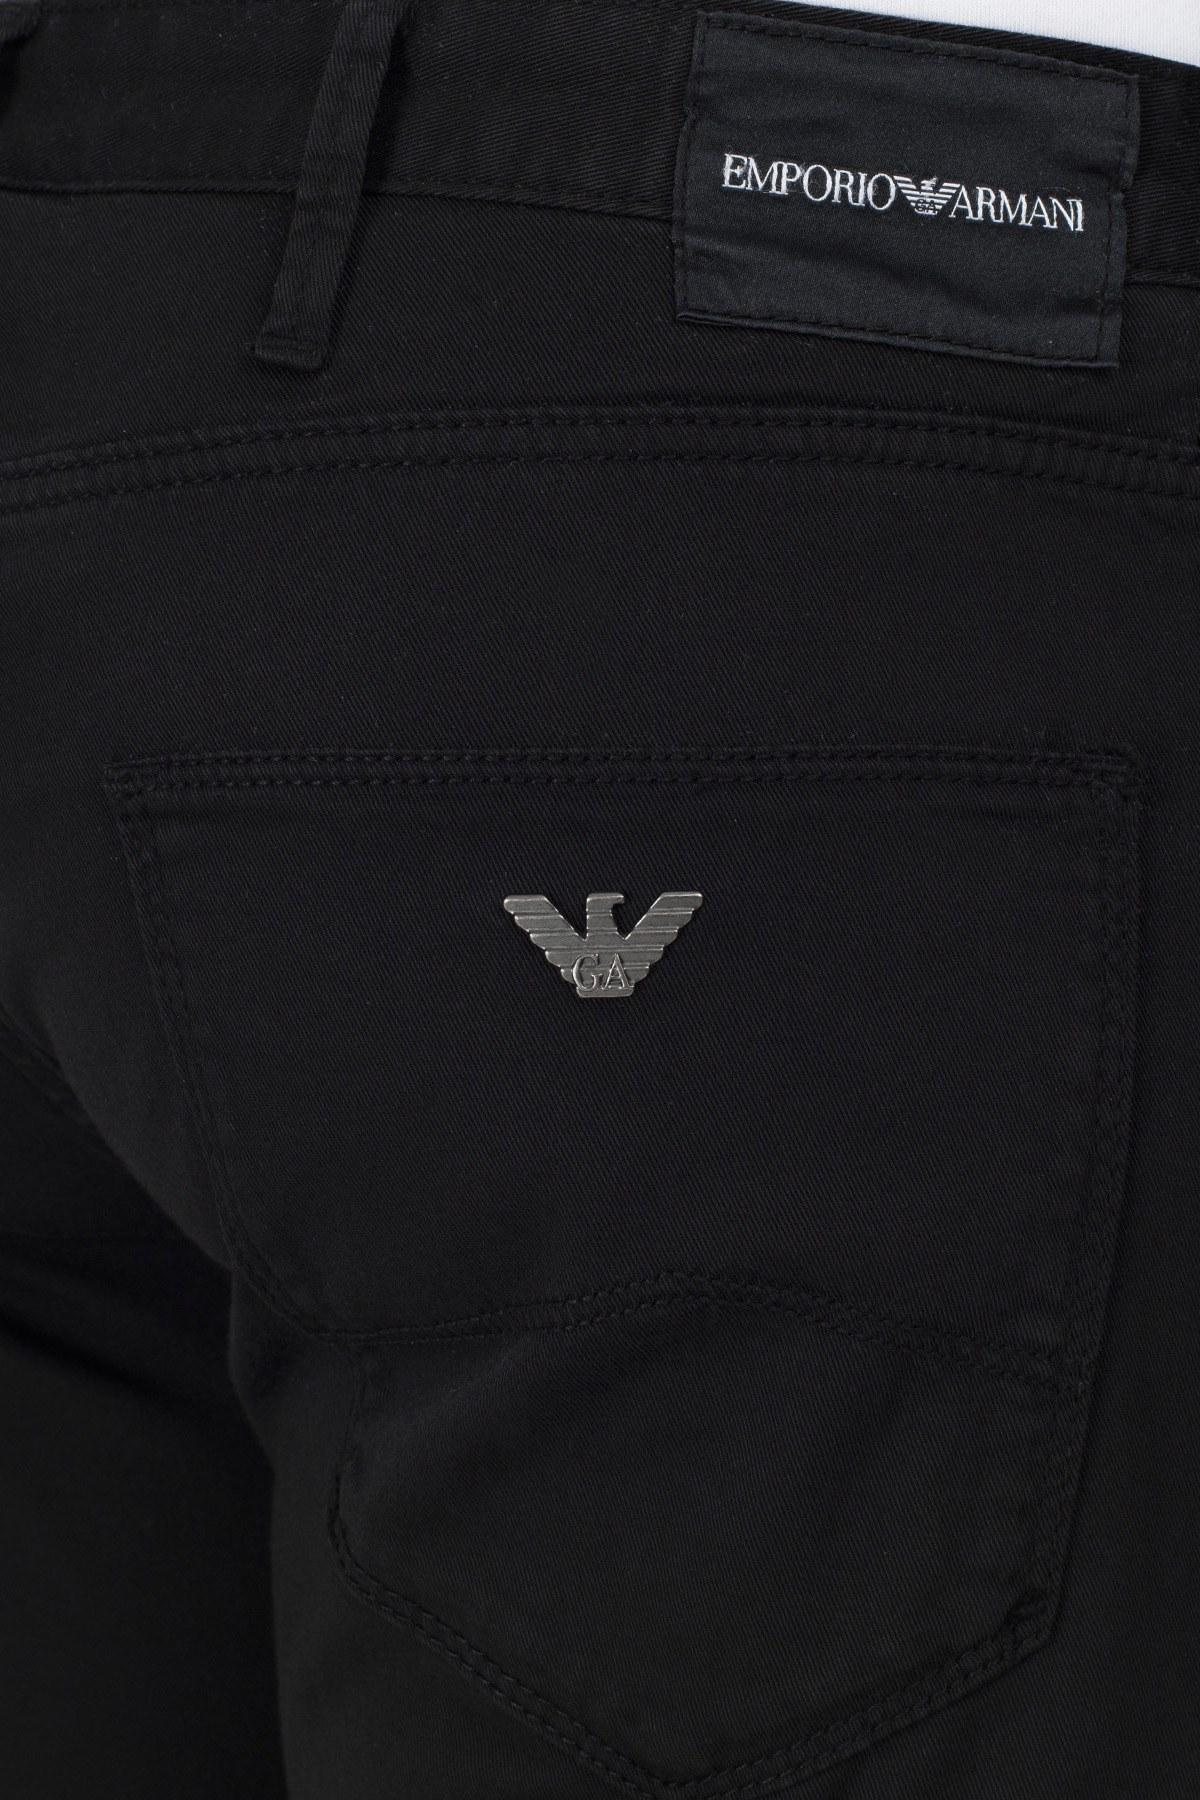 Emporio Armani J06 Jeans Erkek Pamuklu Pantolon S 6G1J06 1N4ZZ 0999 SİYAH